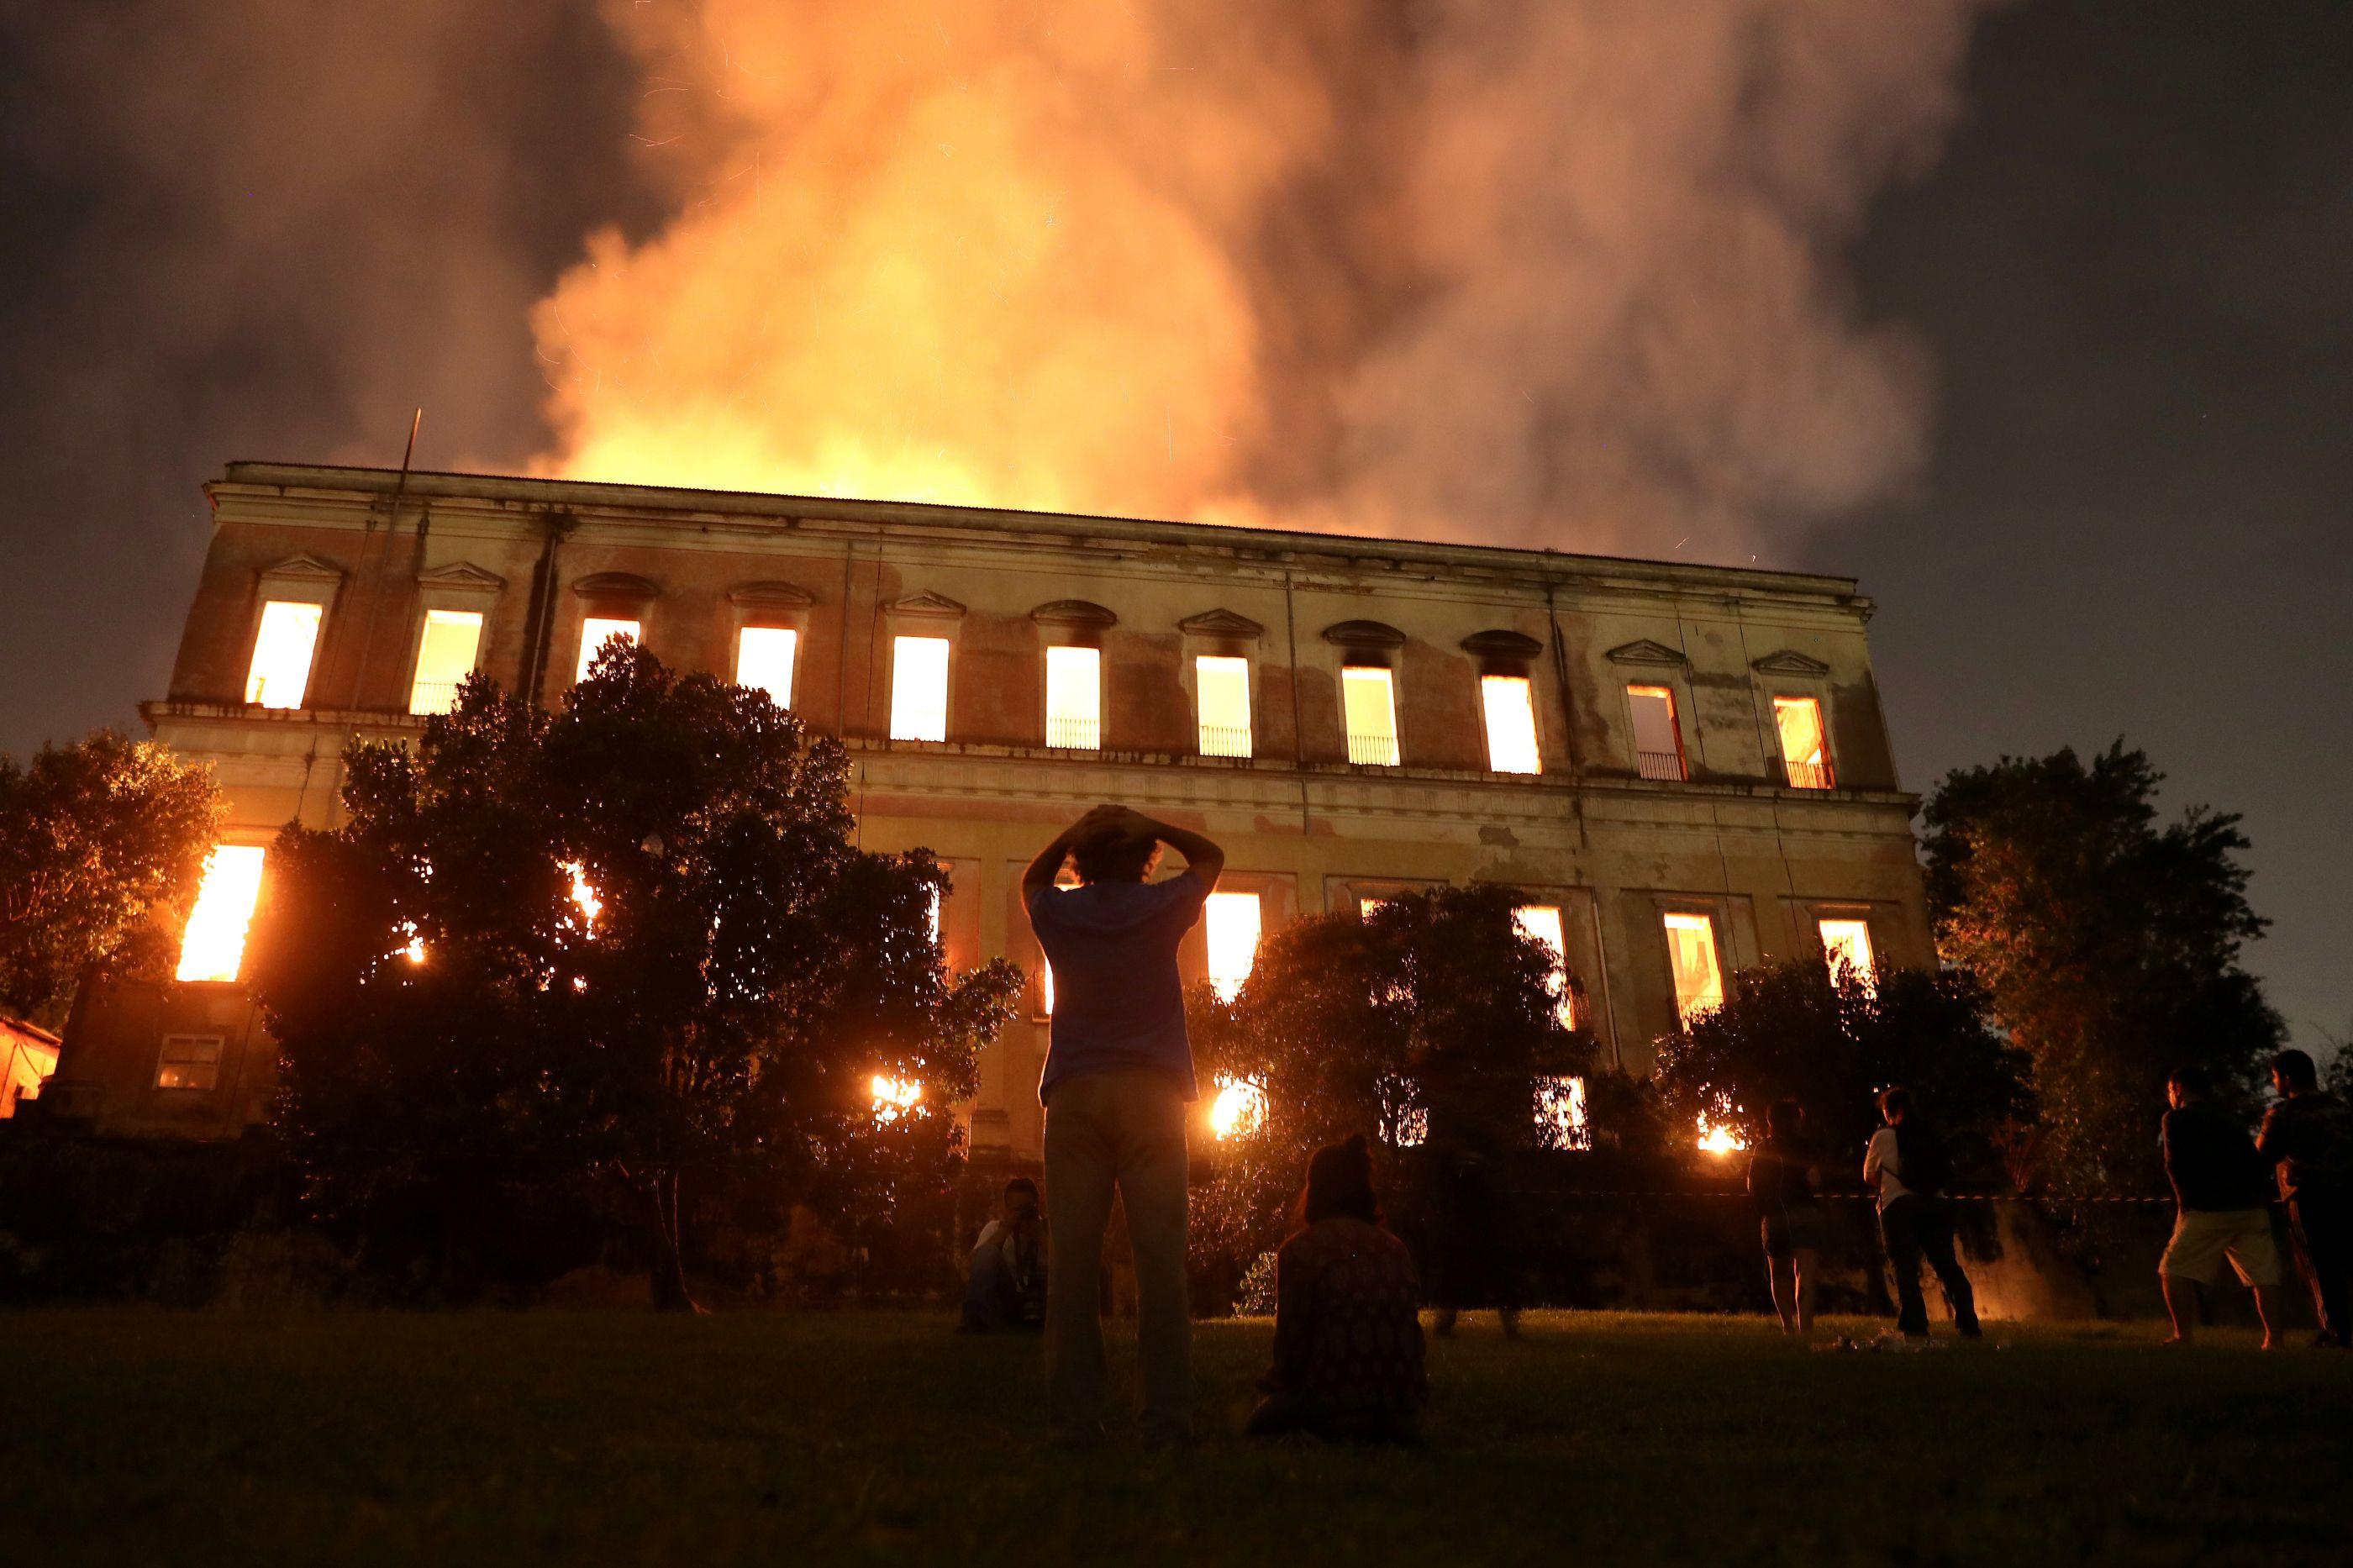 Revelada causa do incêndio que destruiu o Museu Nacional brasileiro